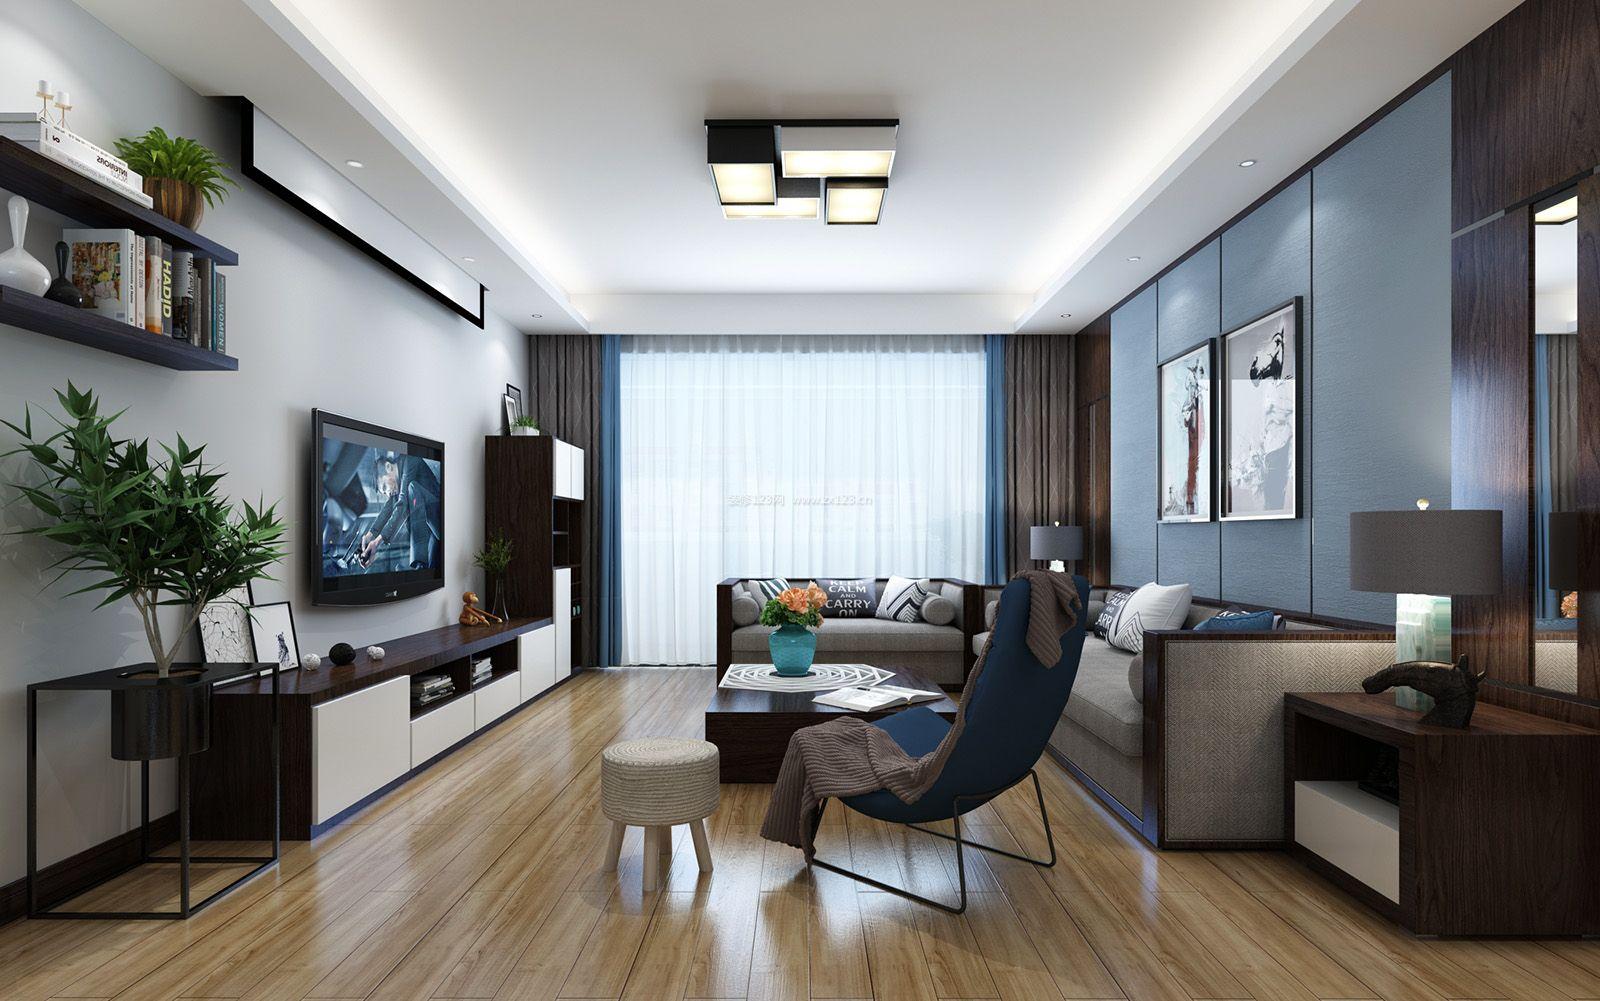 邳州邳州市东方帝景城现代风格美式风格120平米装修效果图案例图片